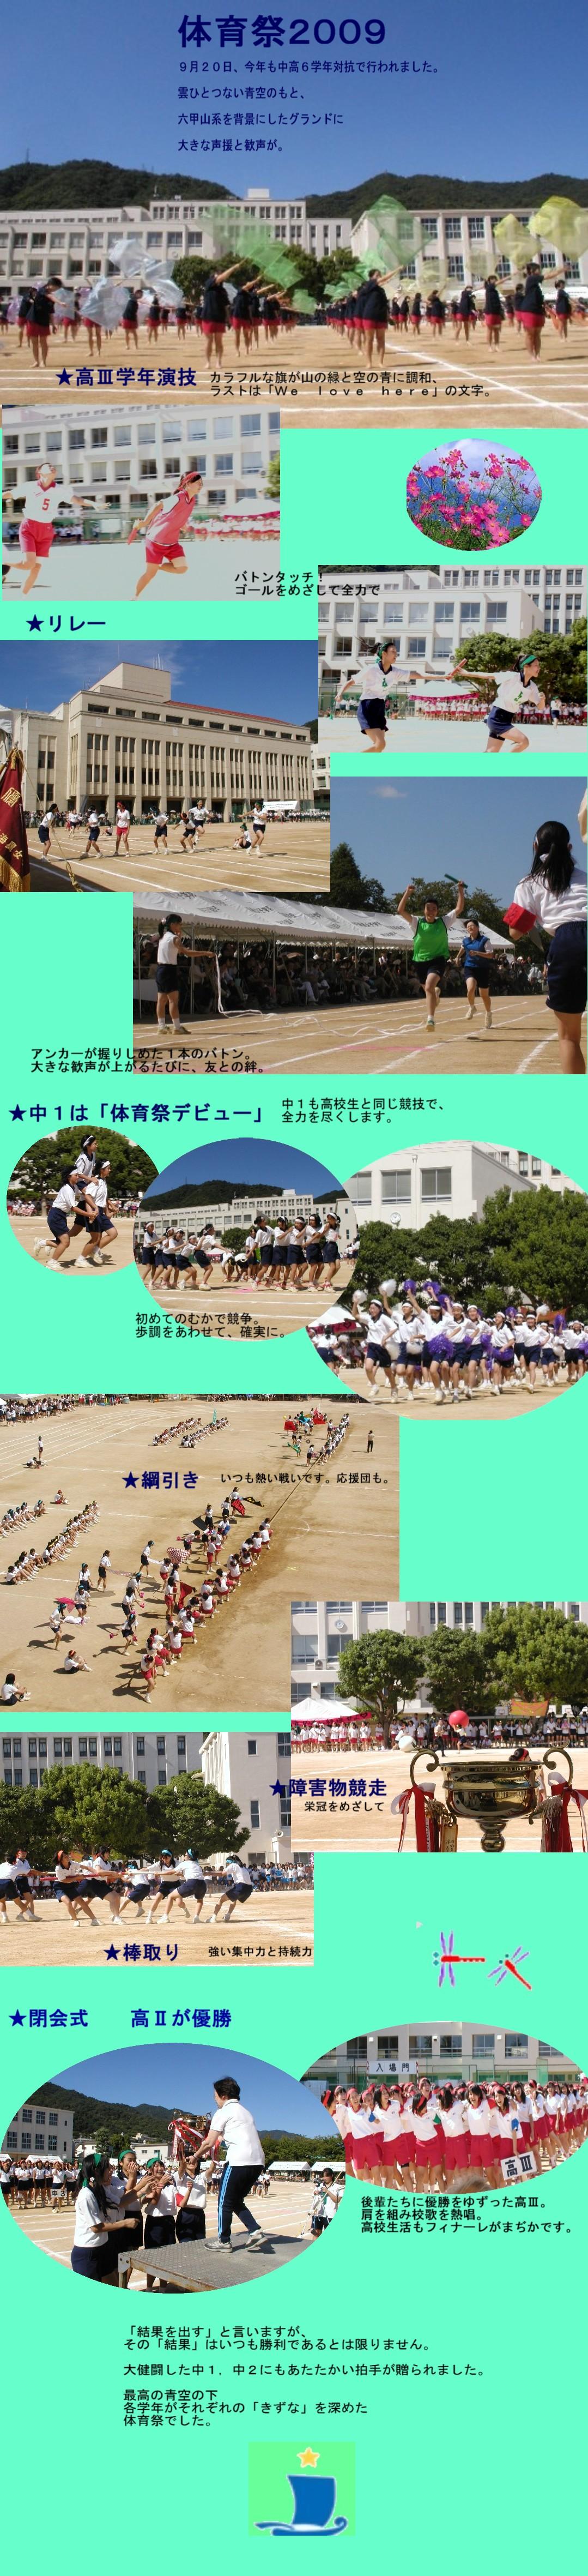 09体育祭.JPG